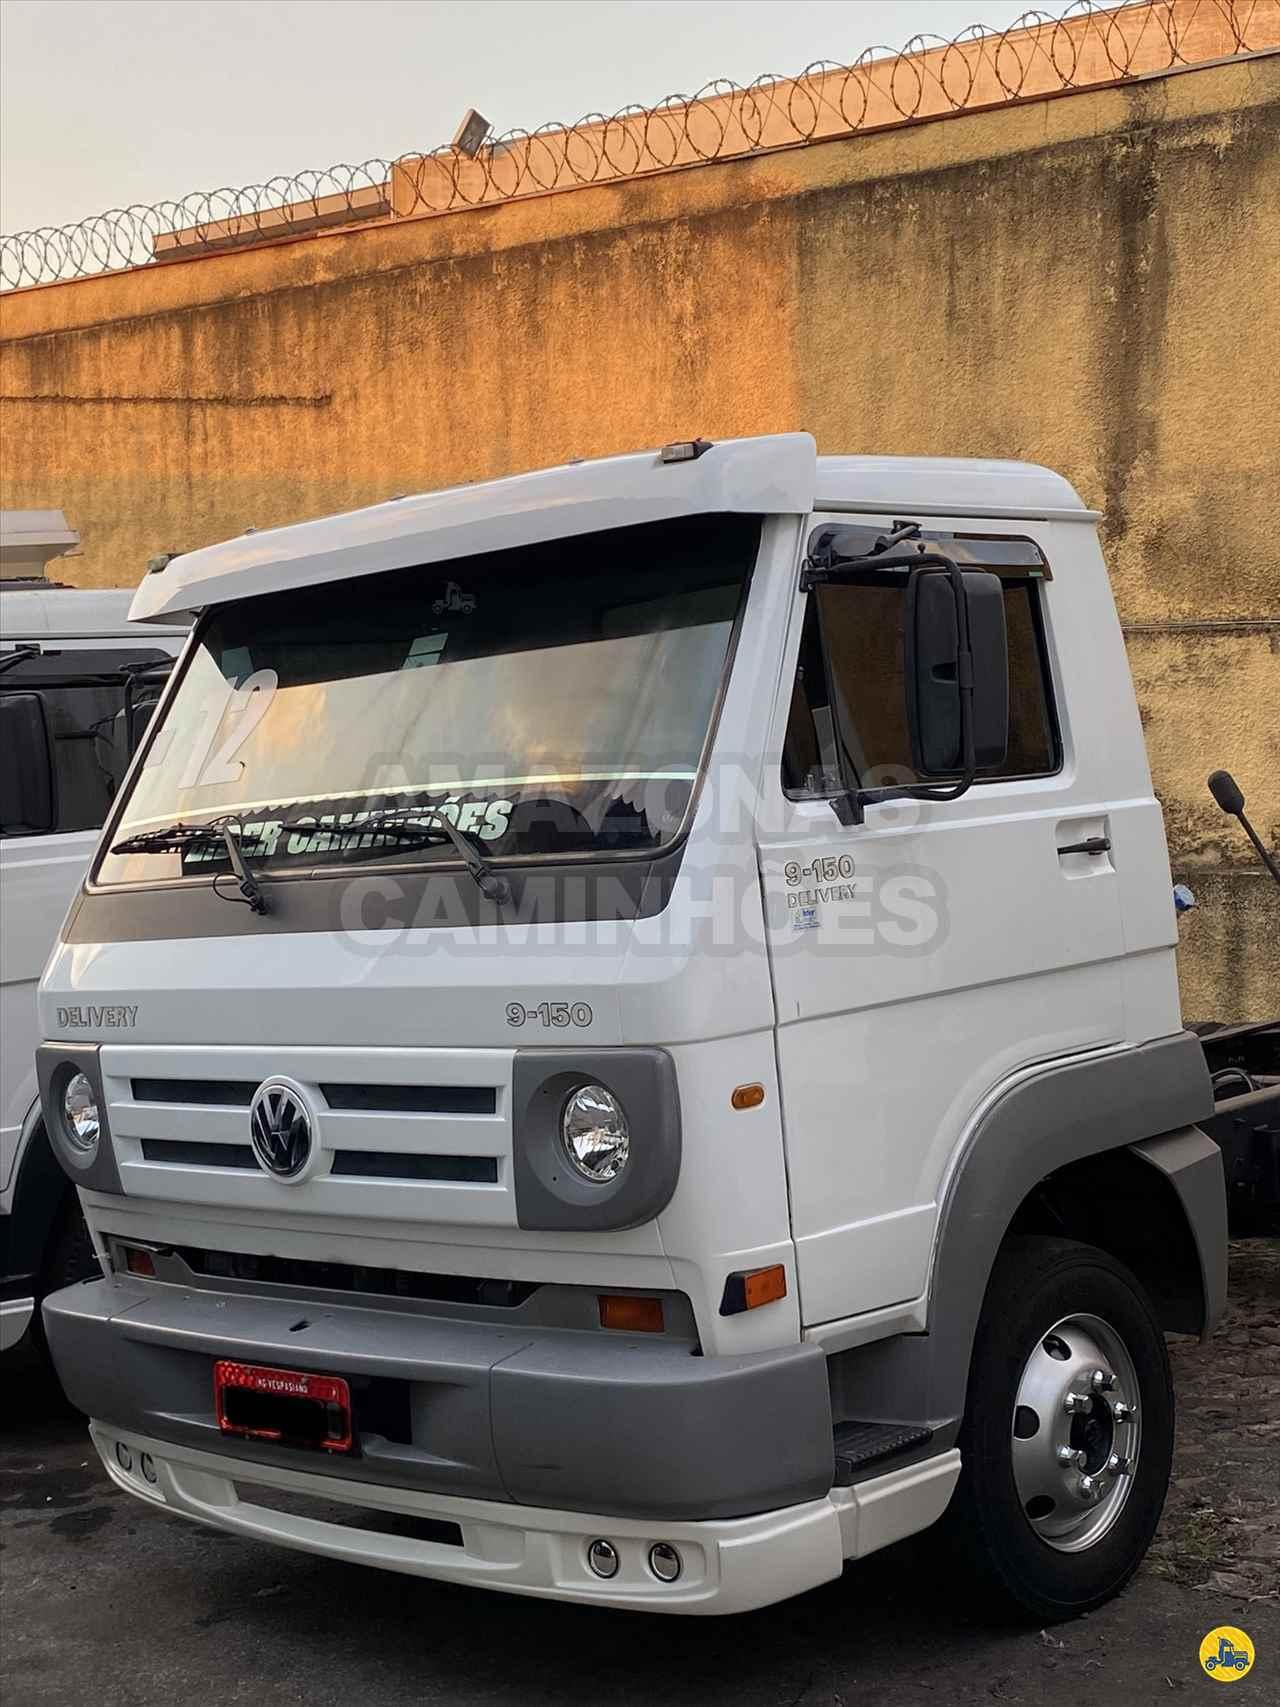 CAMINHAO VOLKSWAGEN VW 9150 Chassis 3/4 6x2 Amazonas Caminhões BELO HORIZONTE MINAS GERAIS MG